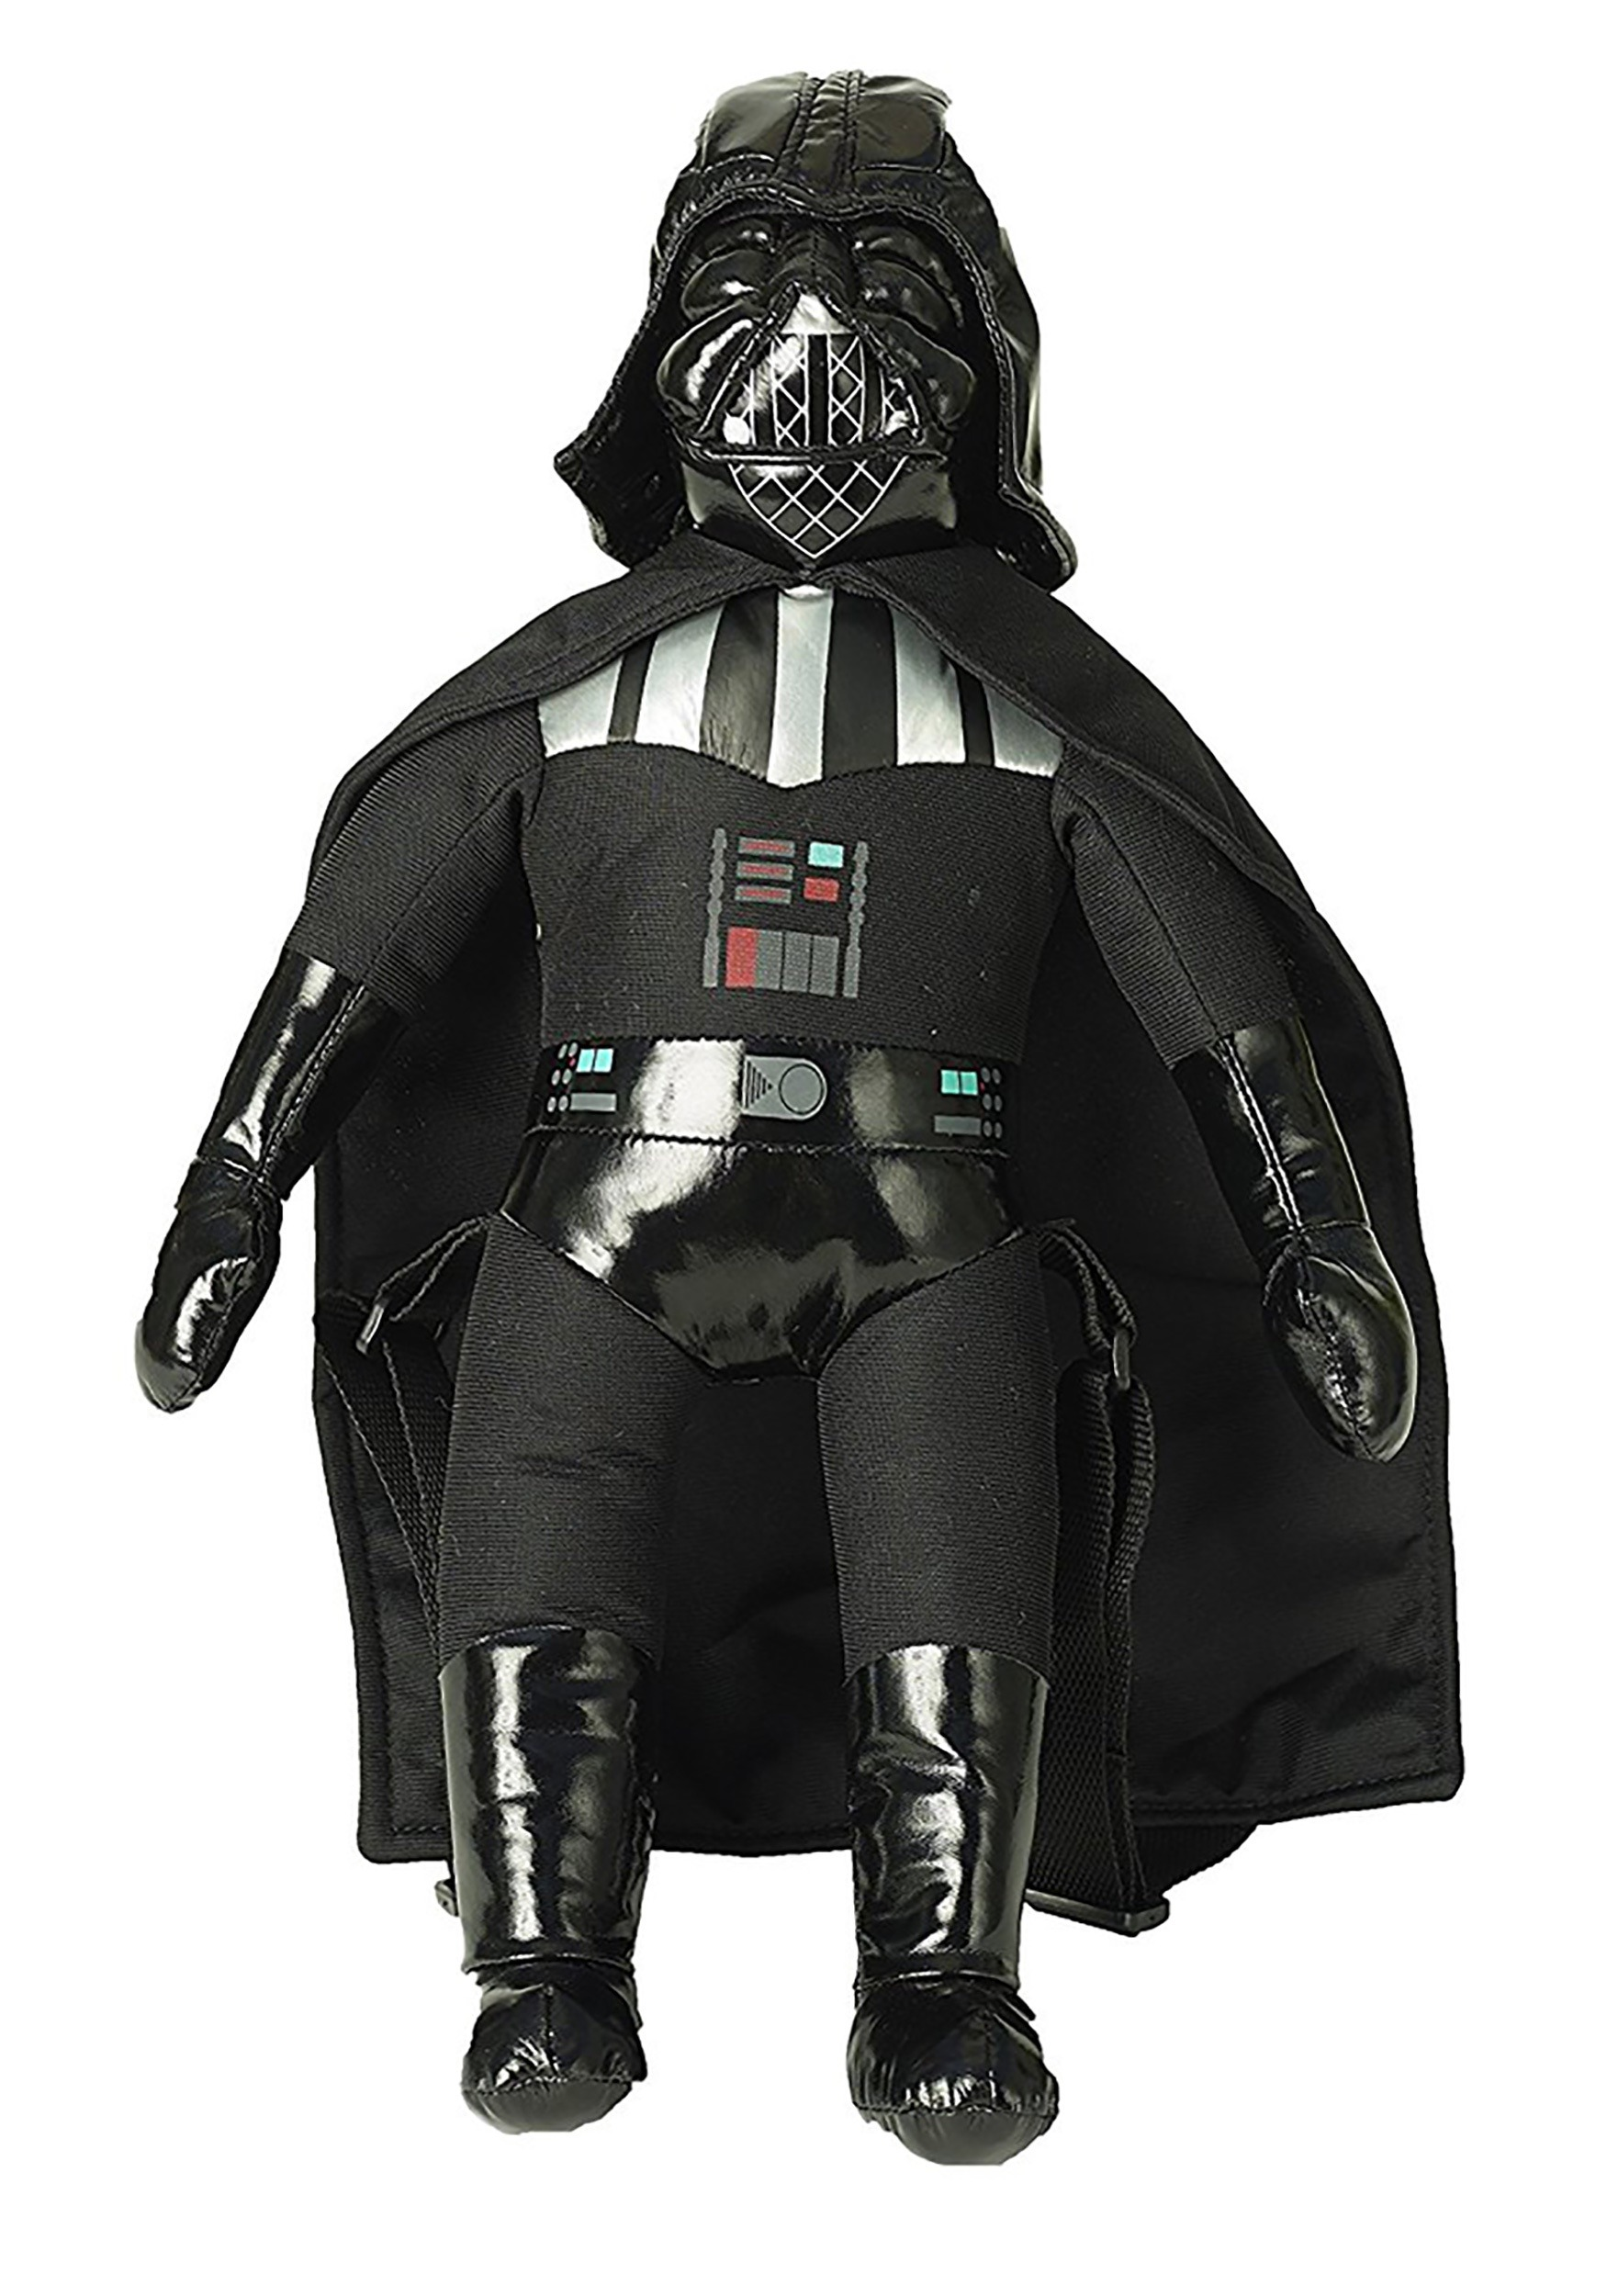 Star Wars Darth Vader Stuffed Figure 17